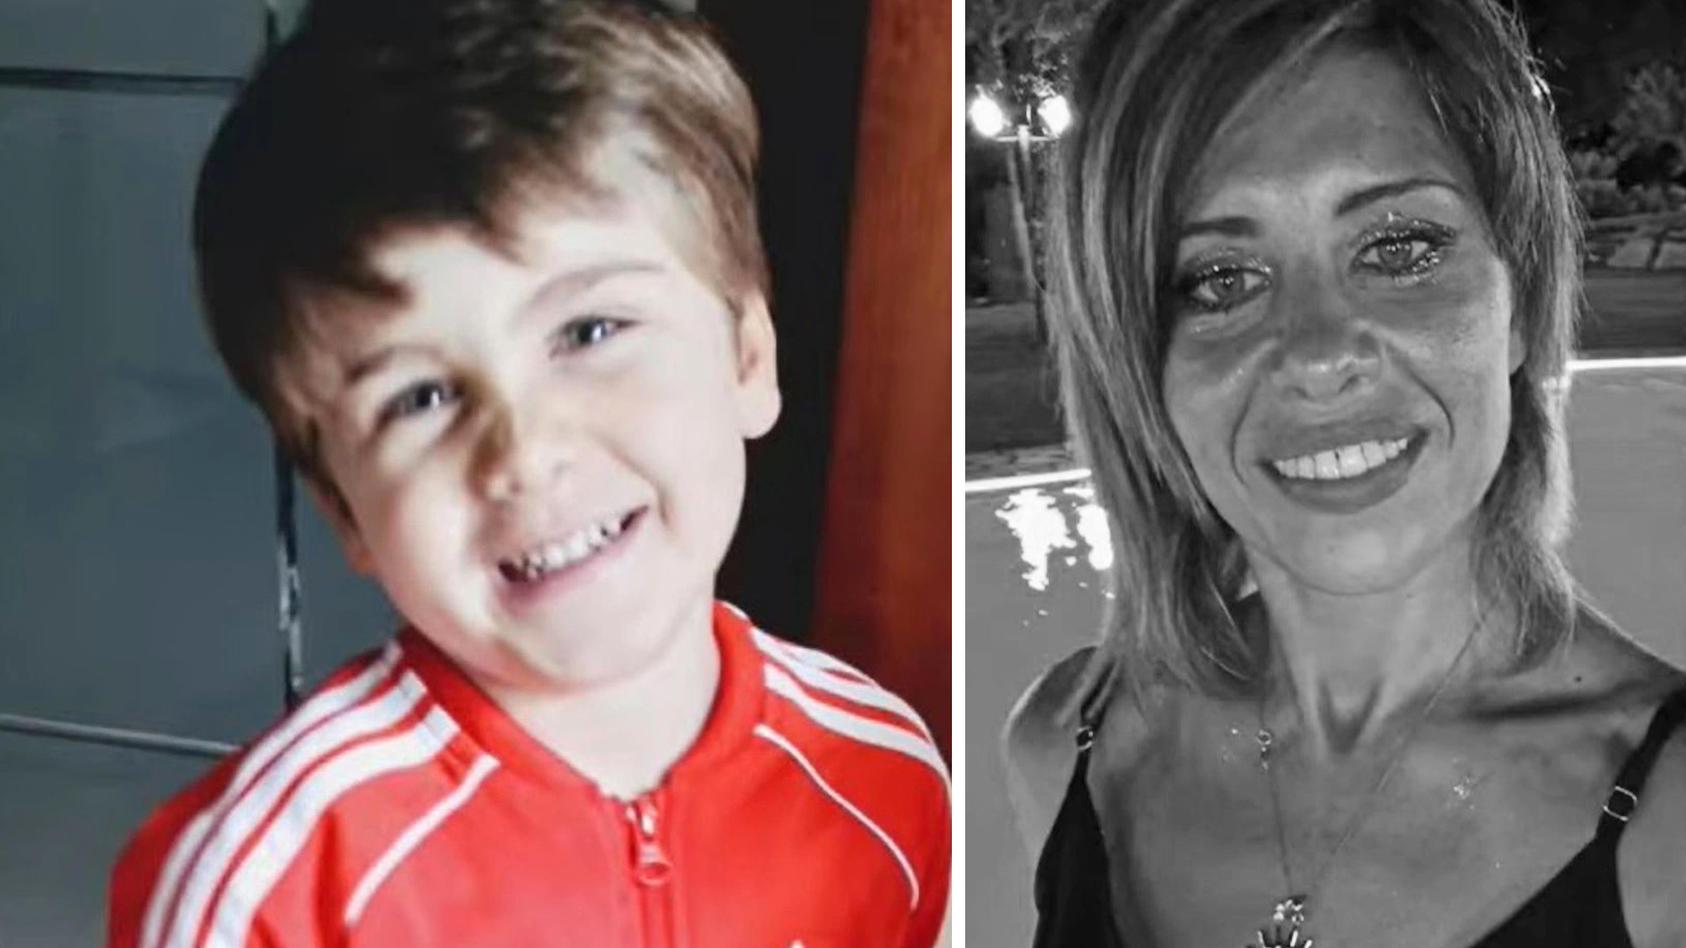 Gioele  war mit seiner Mutter Viviana Parisi unterwegs